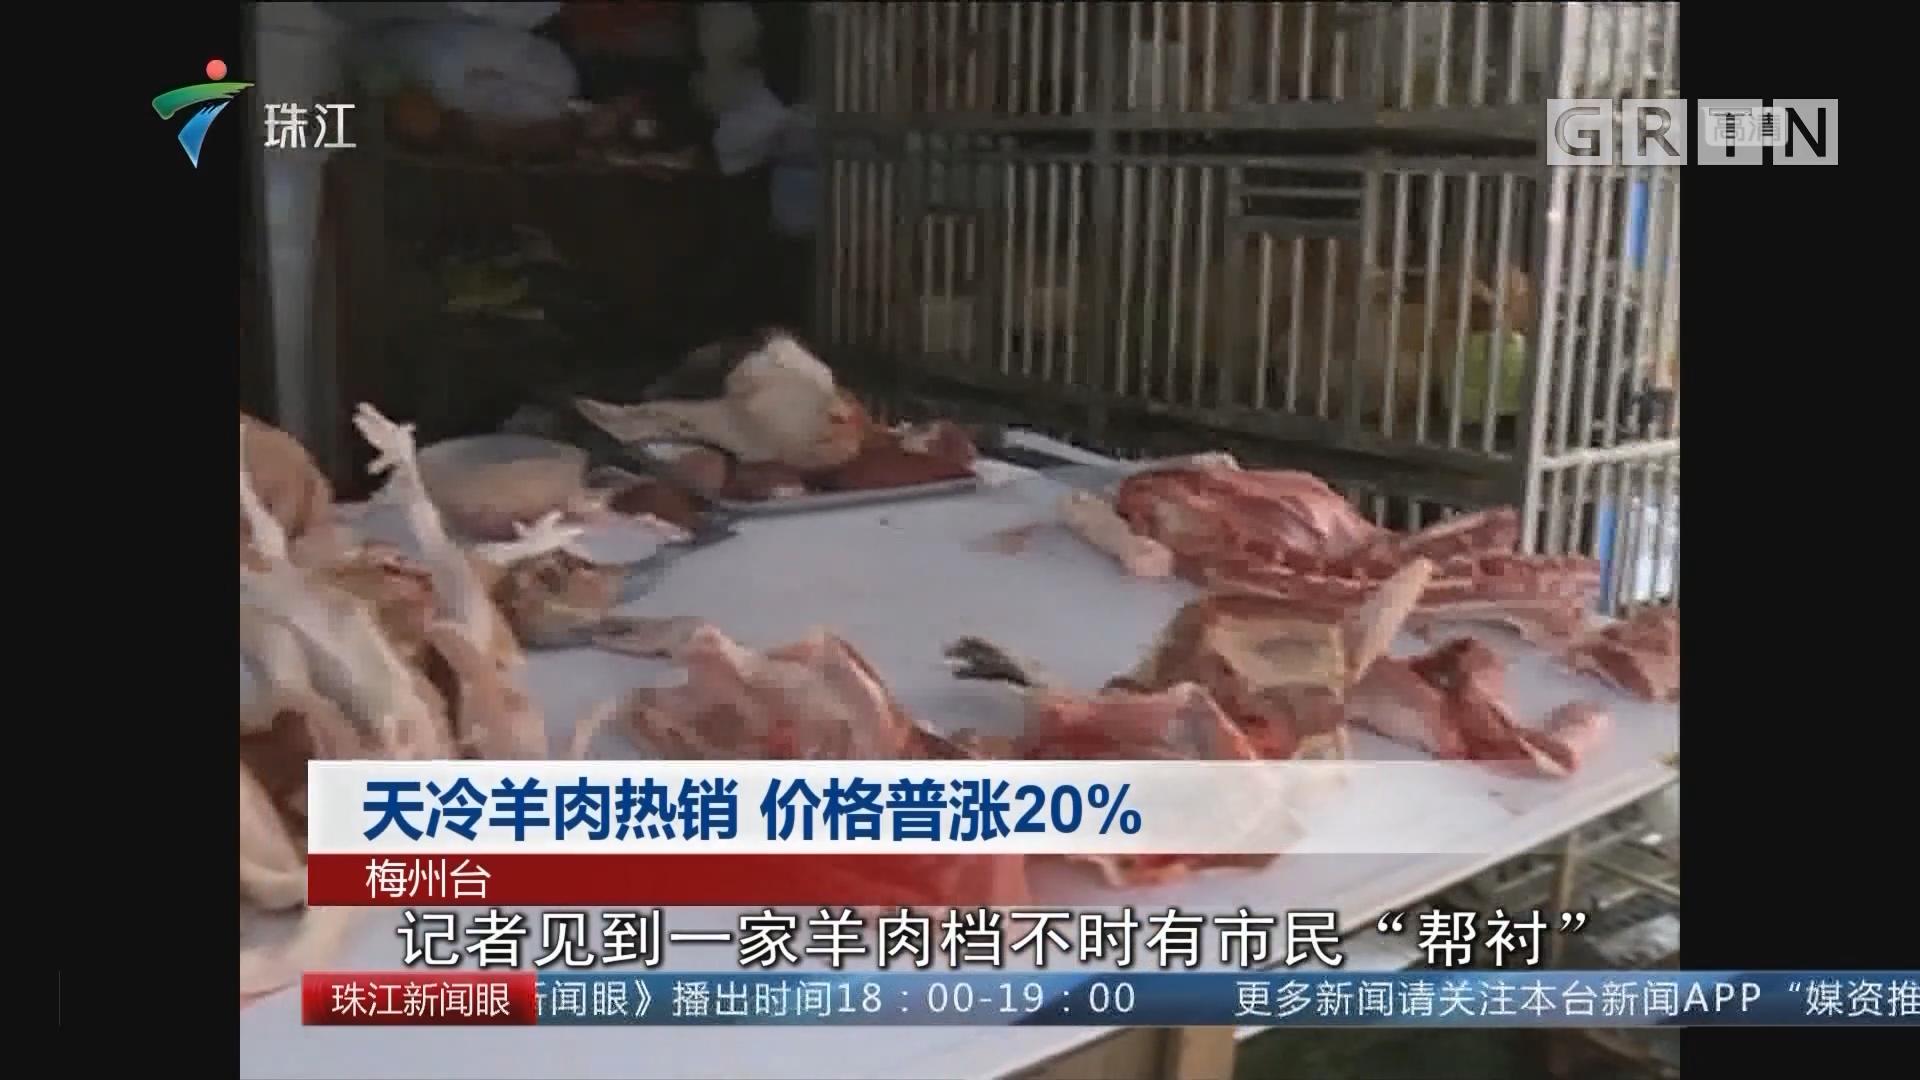 天冷羊肉热销 价格普涨20%